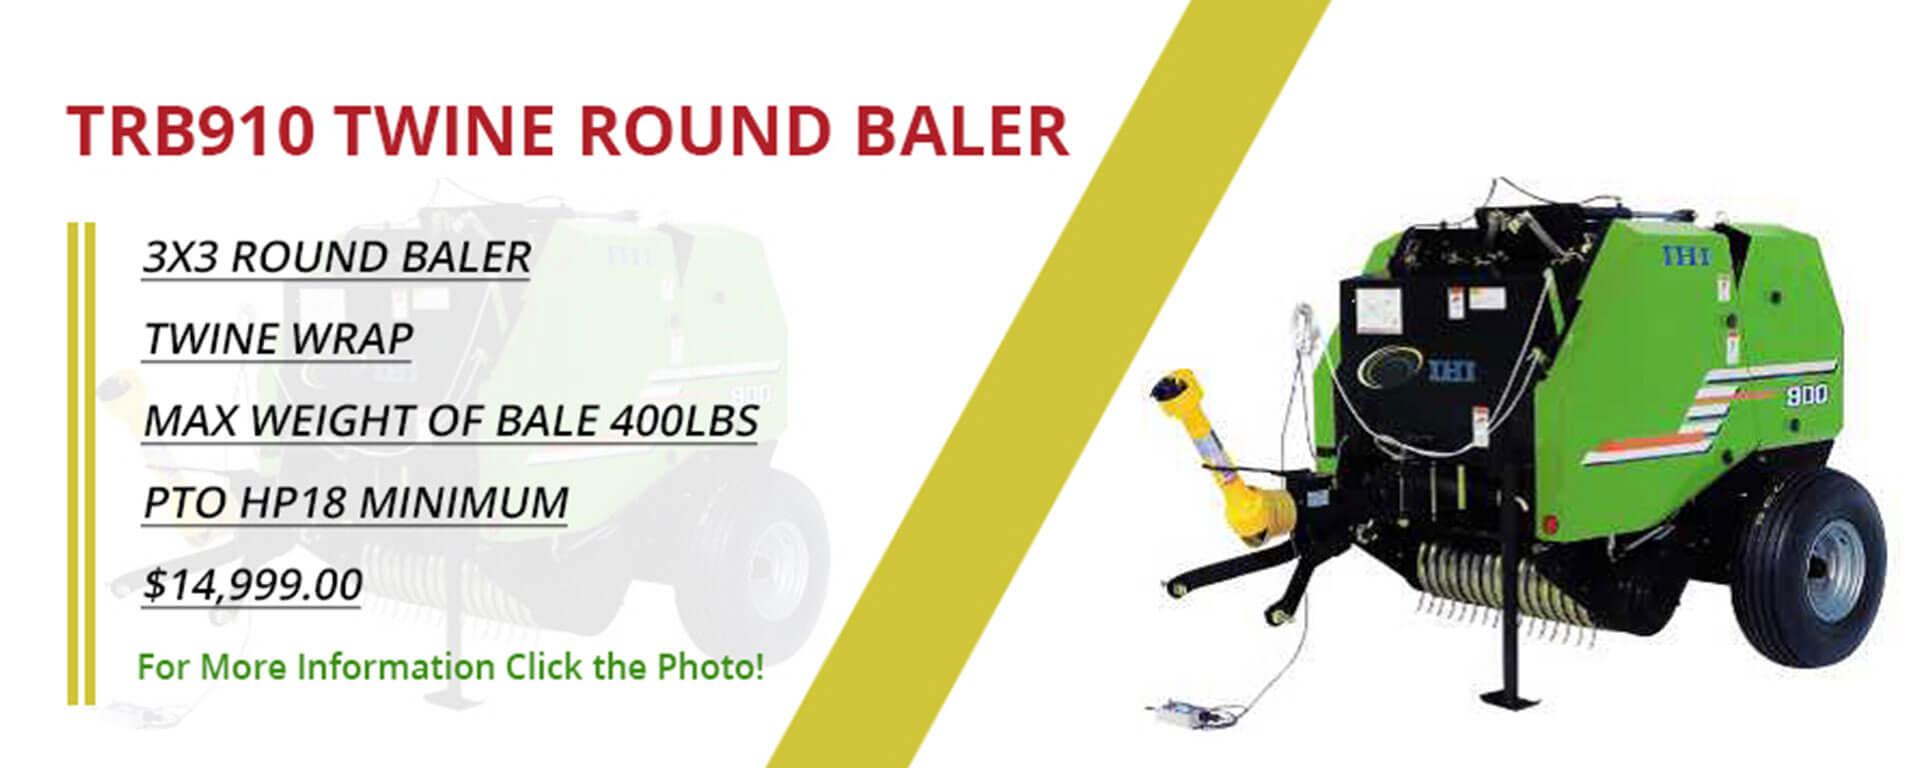 TRB910 Twine Round Baler banner